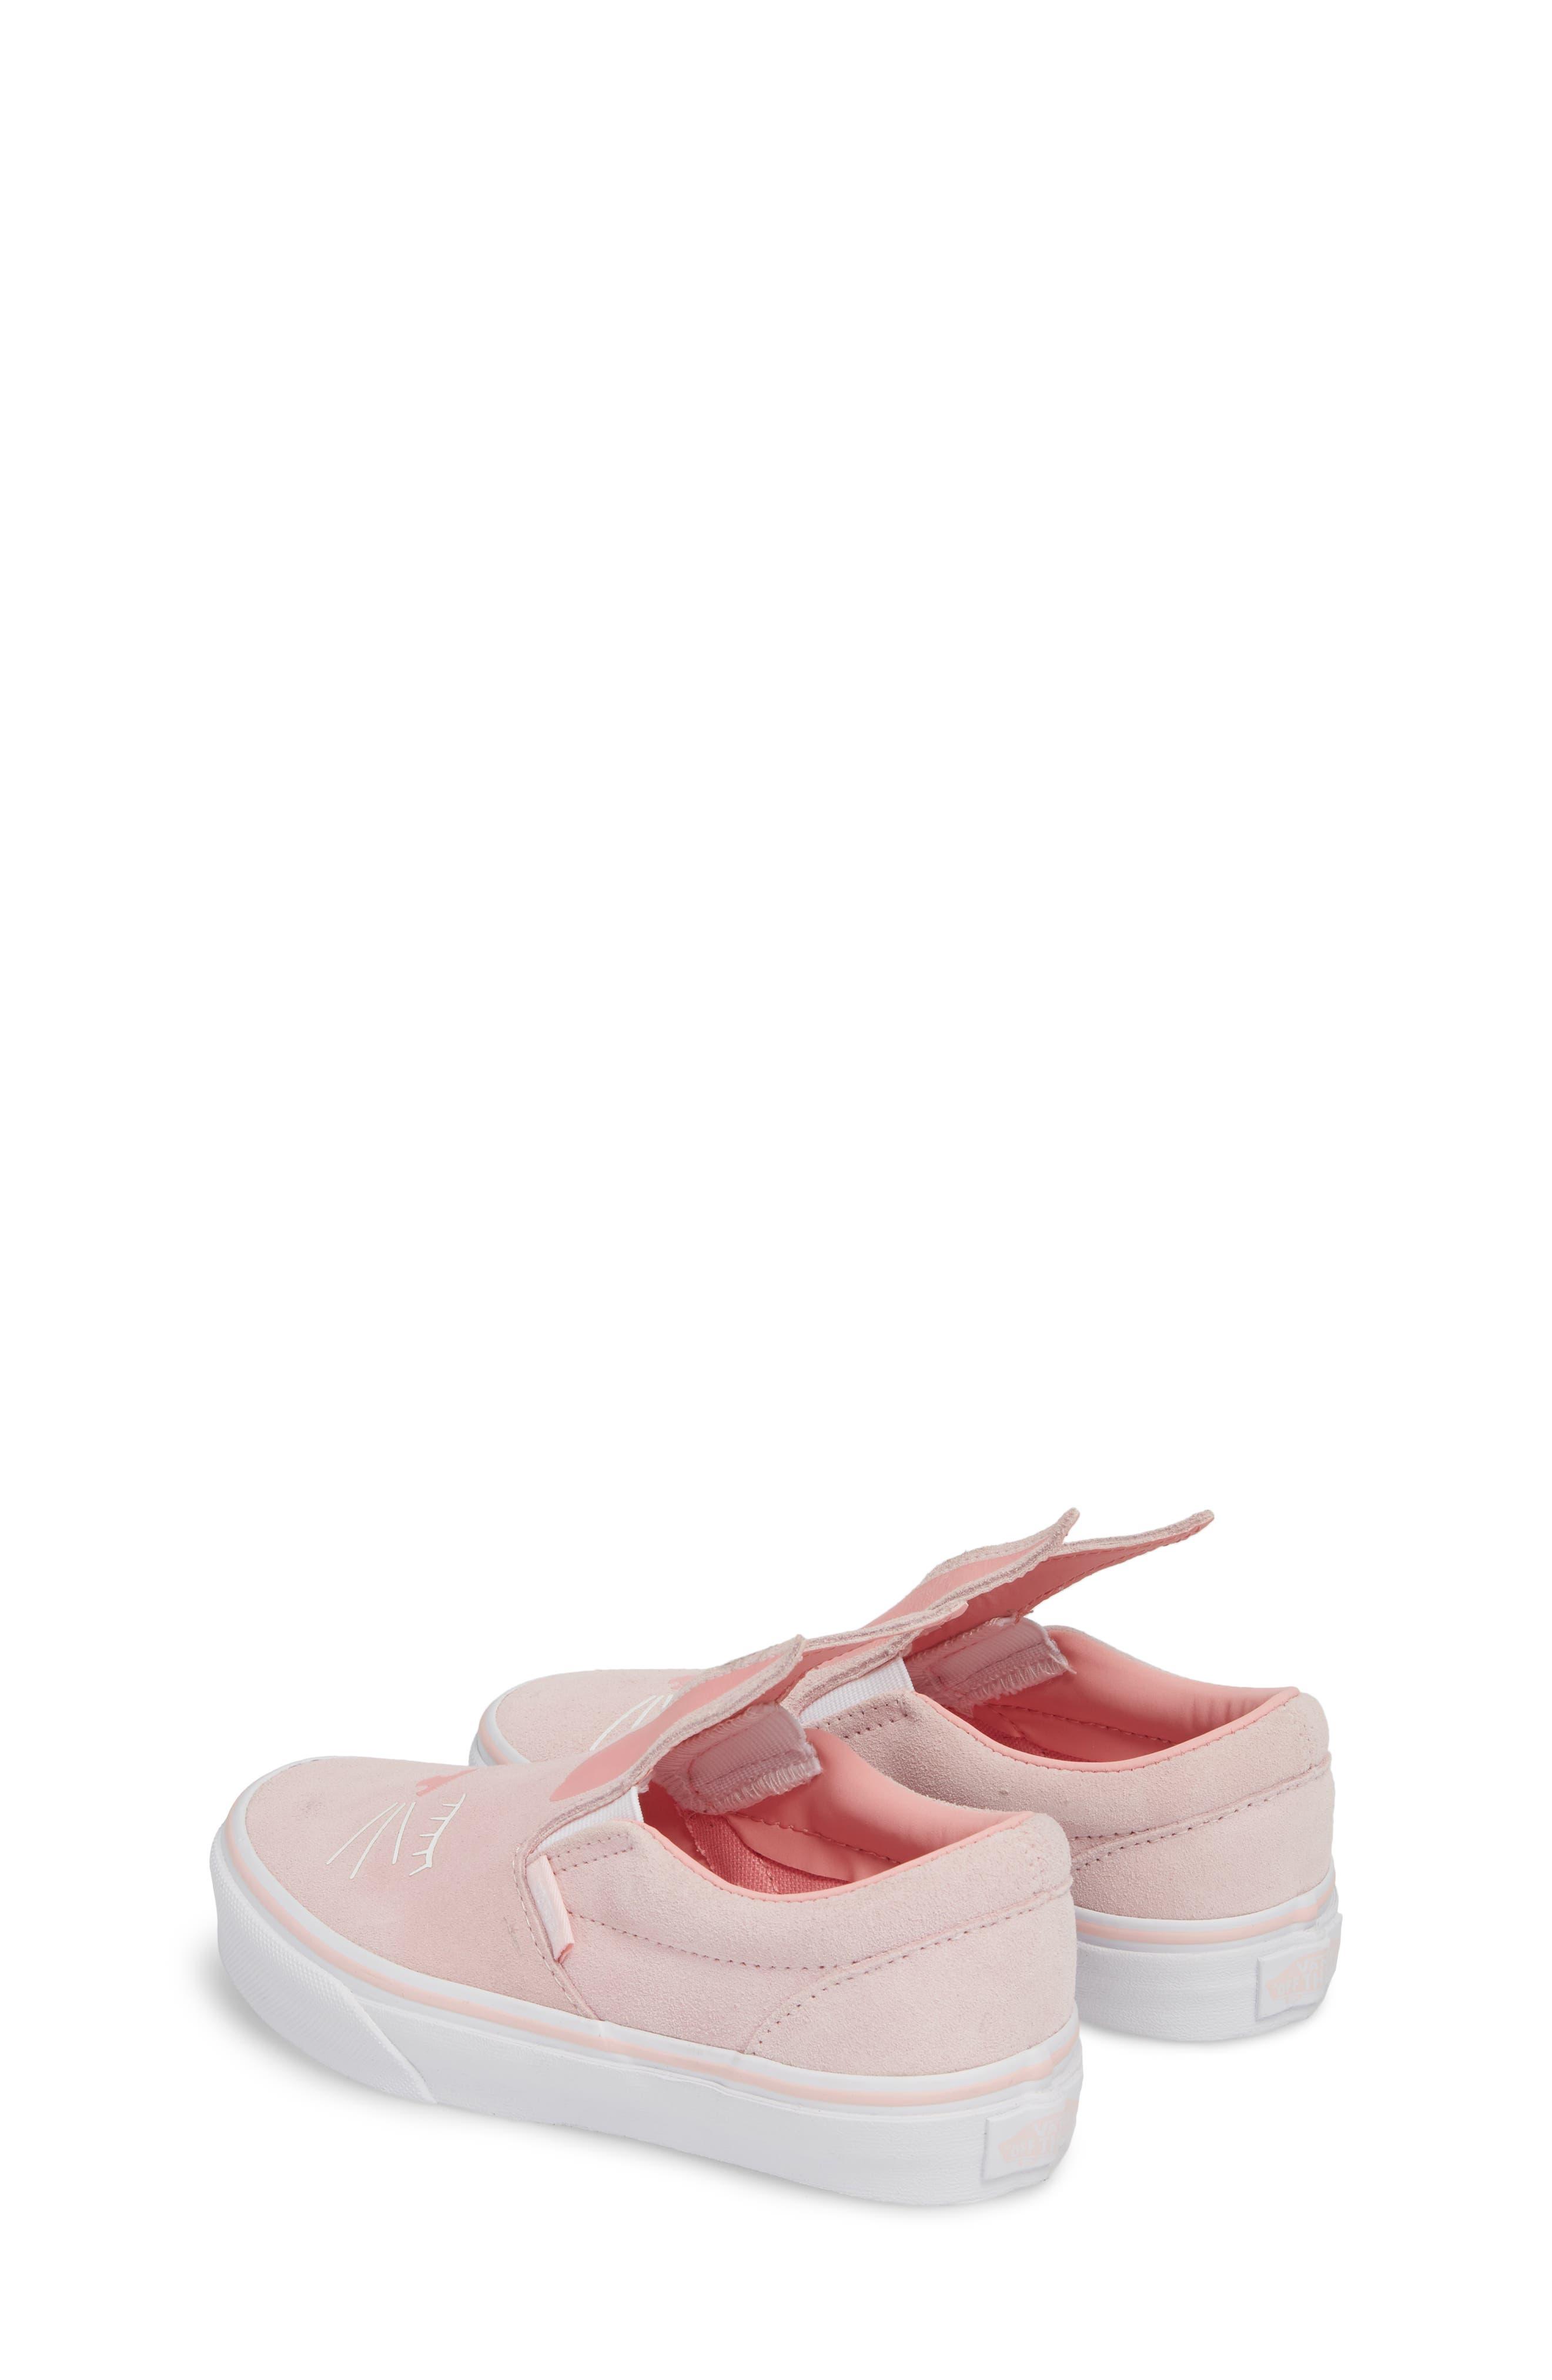 Slip-On Bunny Sneaker,                             Alternate thumbnail 2, color,                             Chalk Pink/ True White